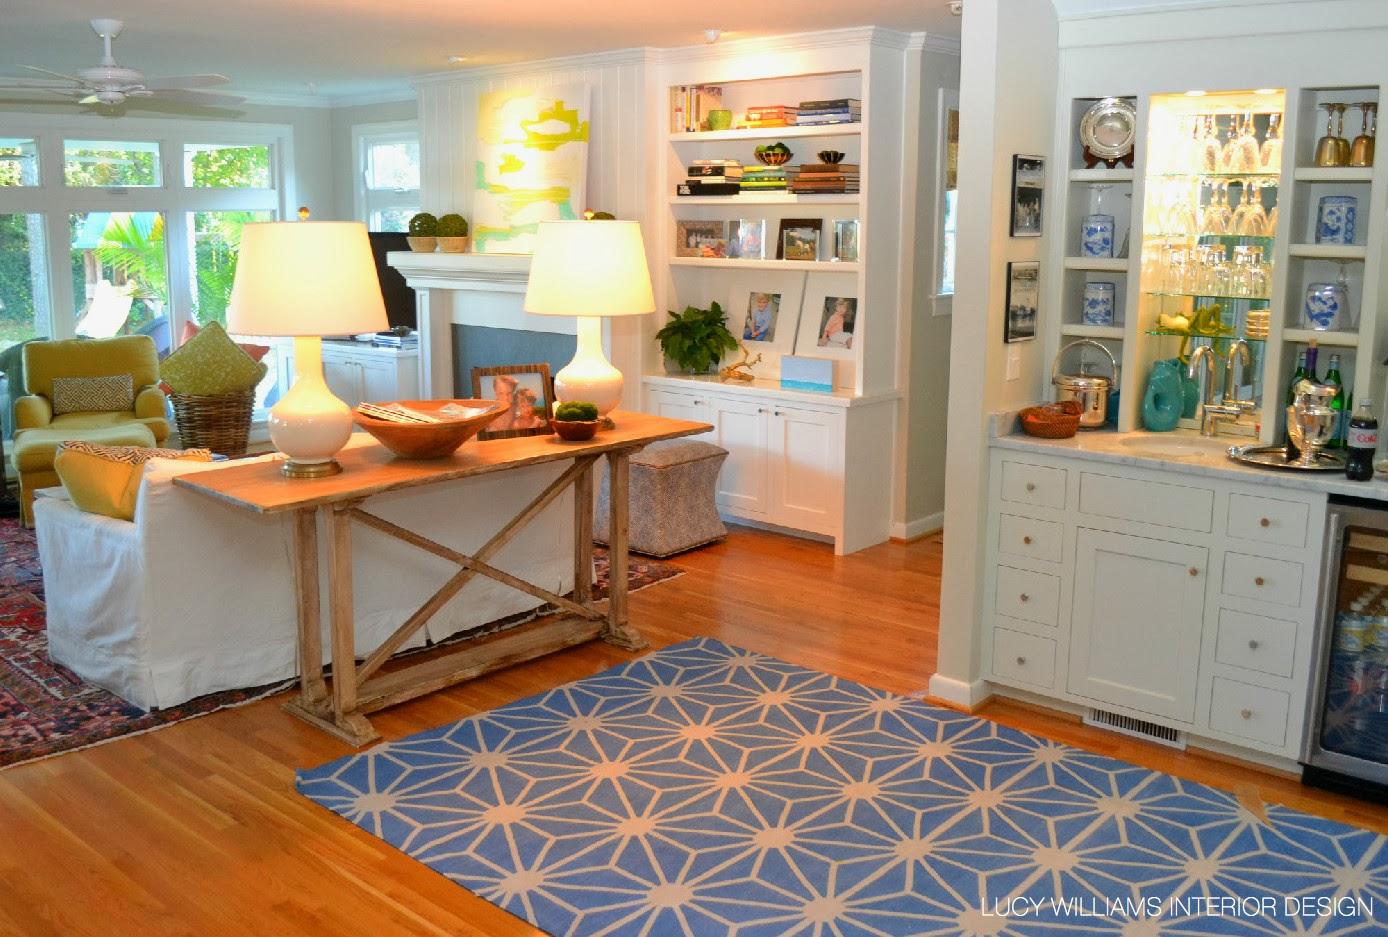 Lucy williams interior design blog custom console for Lucy williams interiors